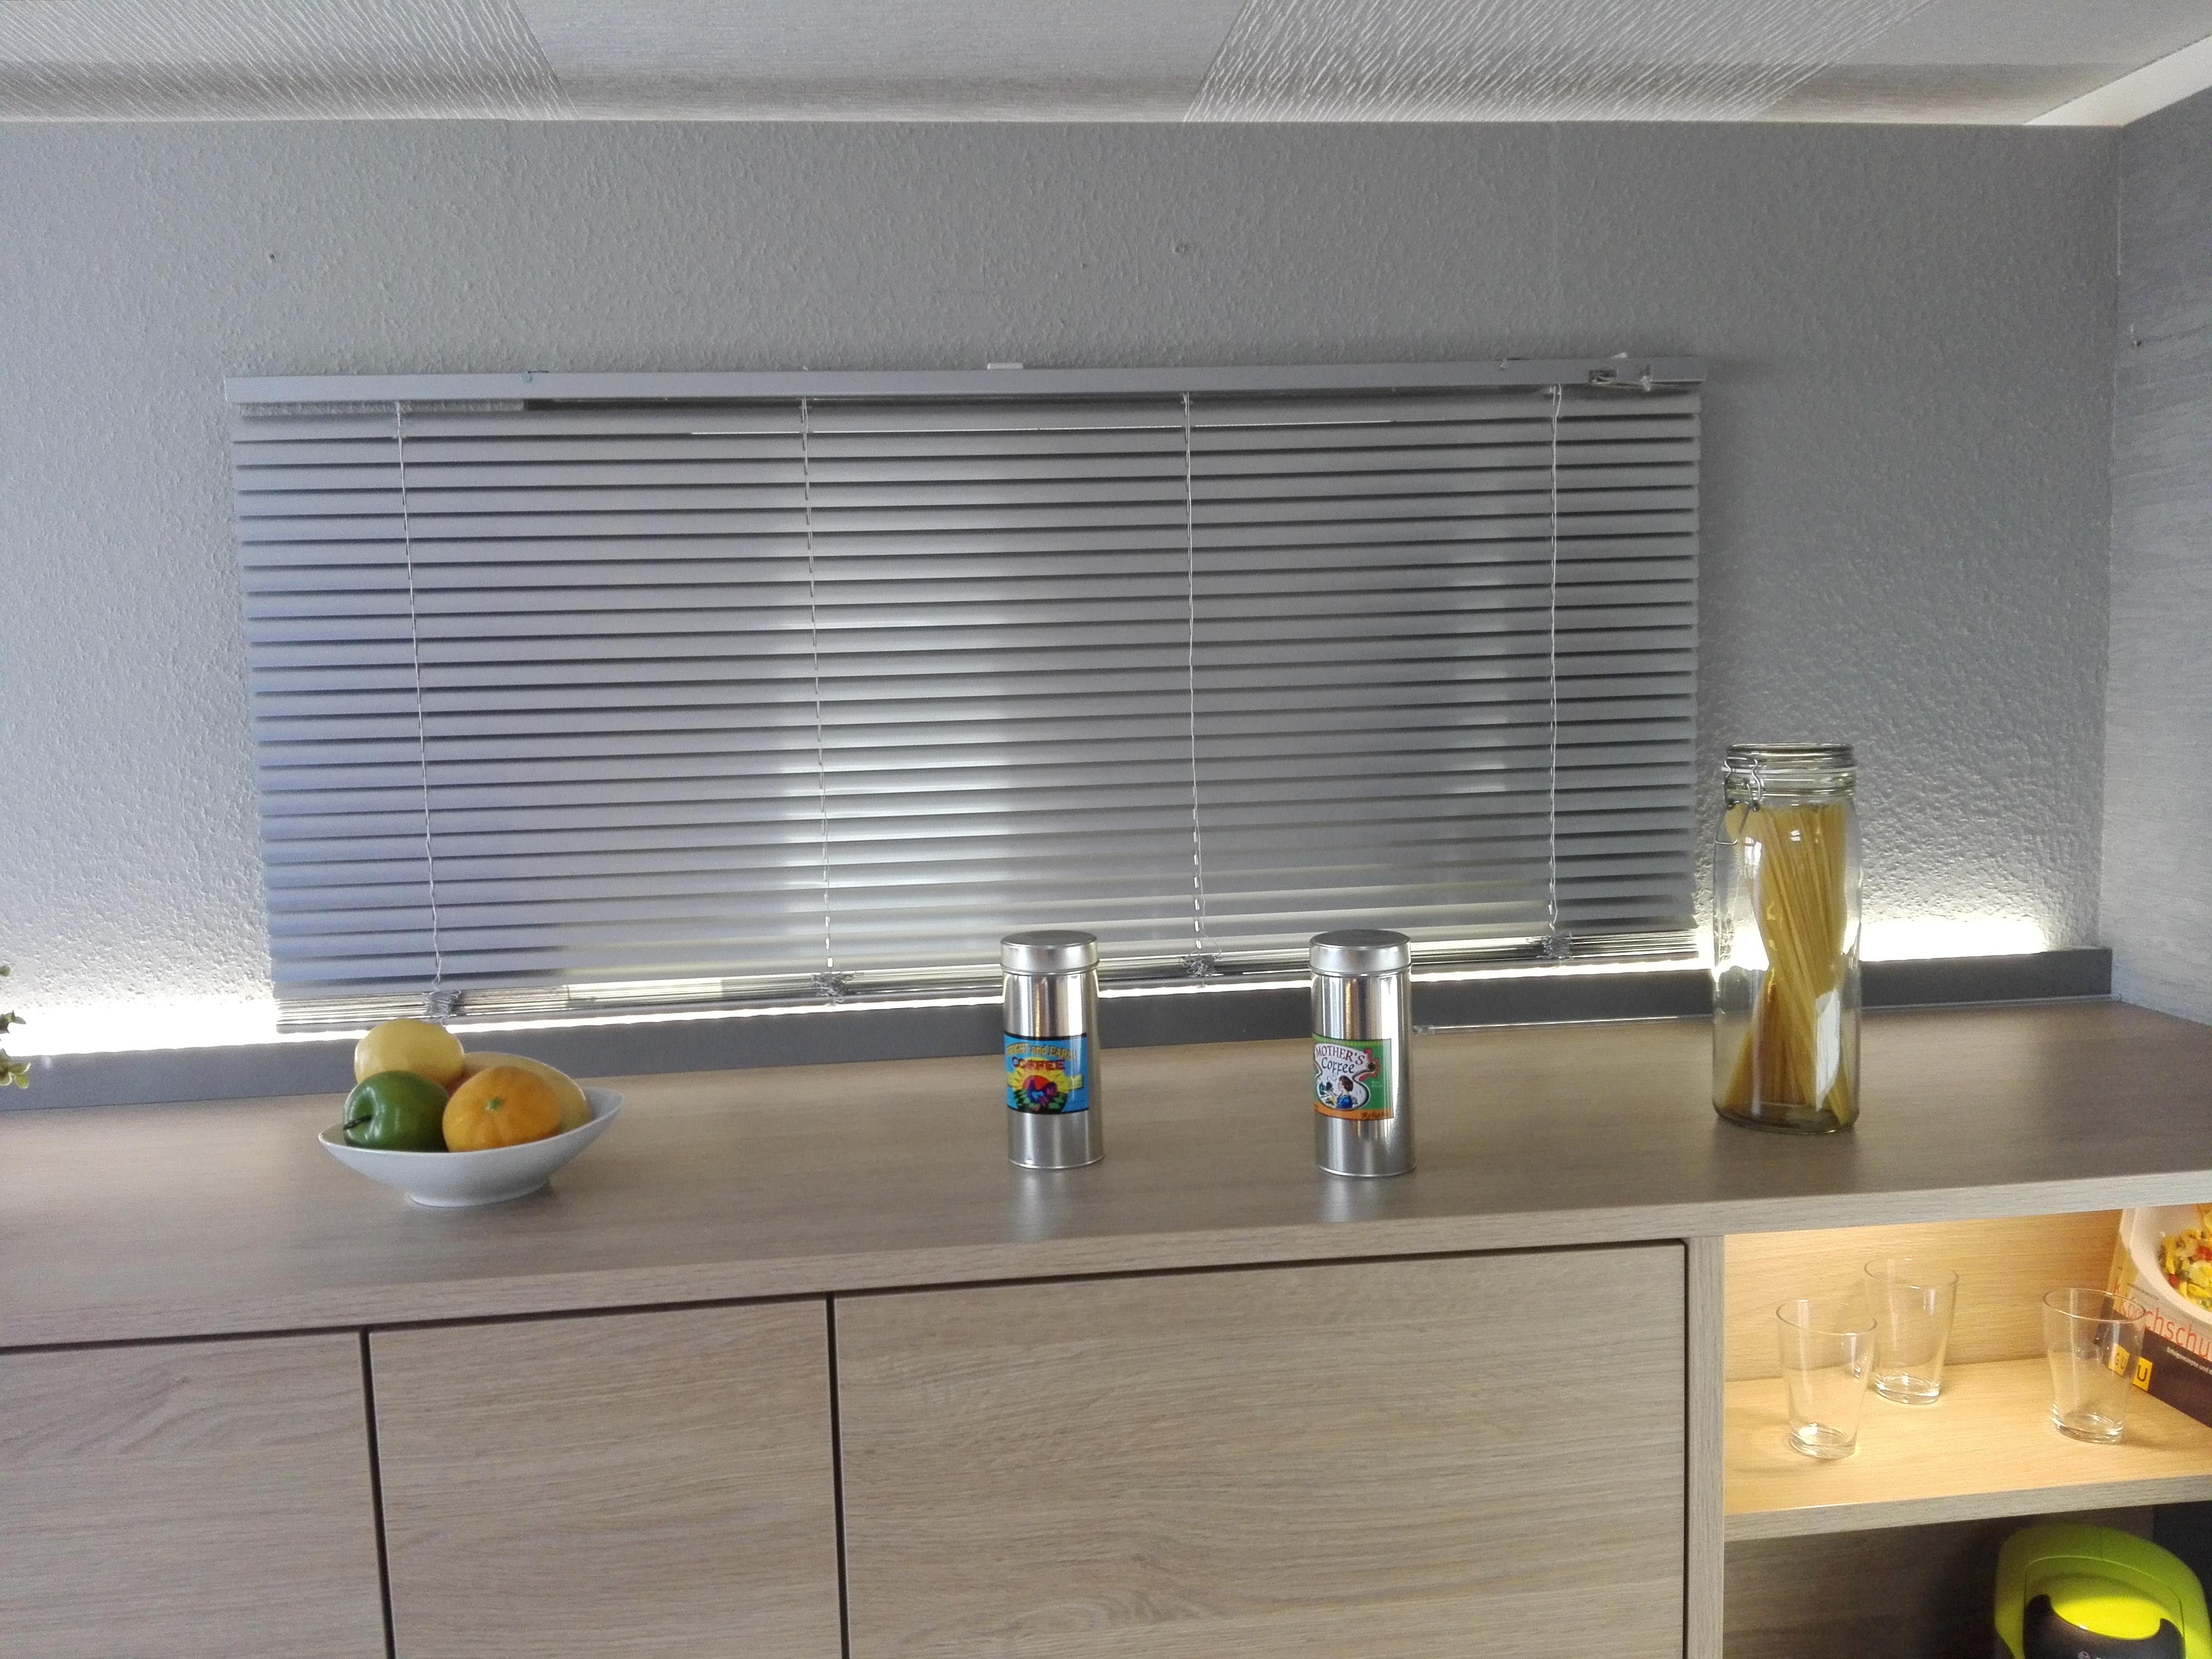 Küche 18 - LED-Ambientebeleuchtung auf den Hochschränken - Küche